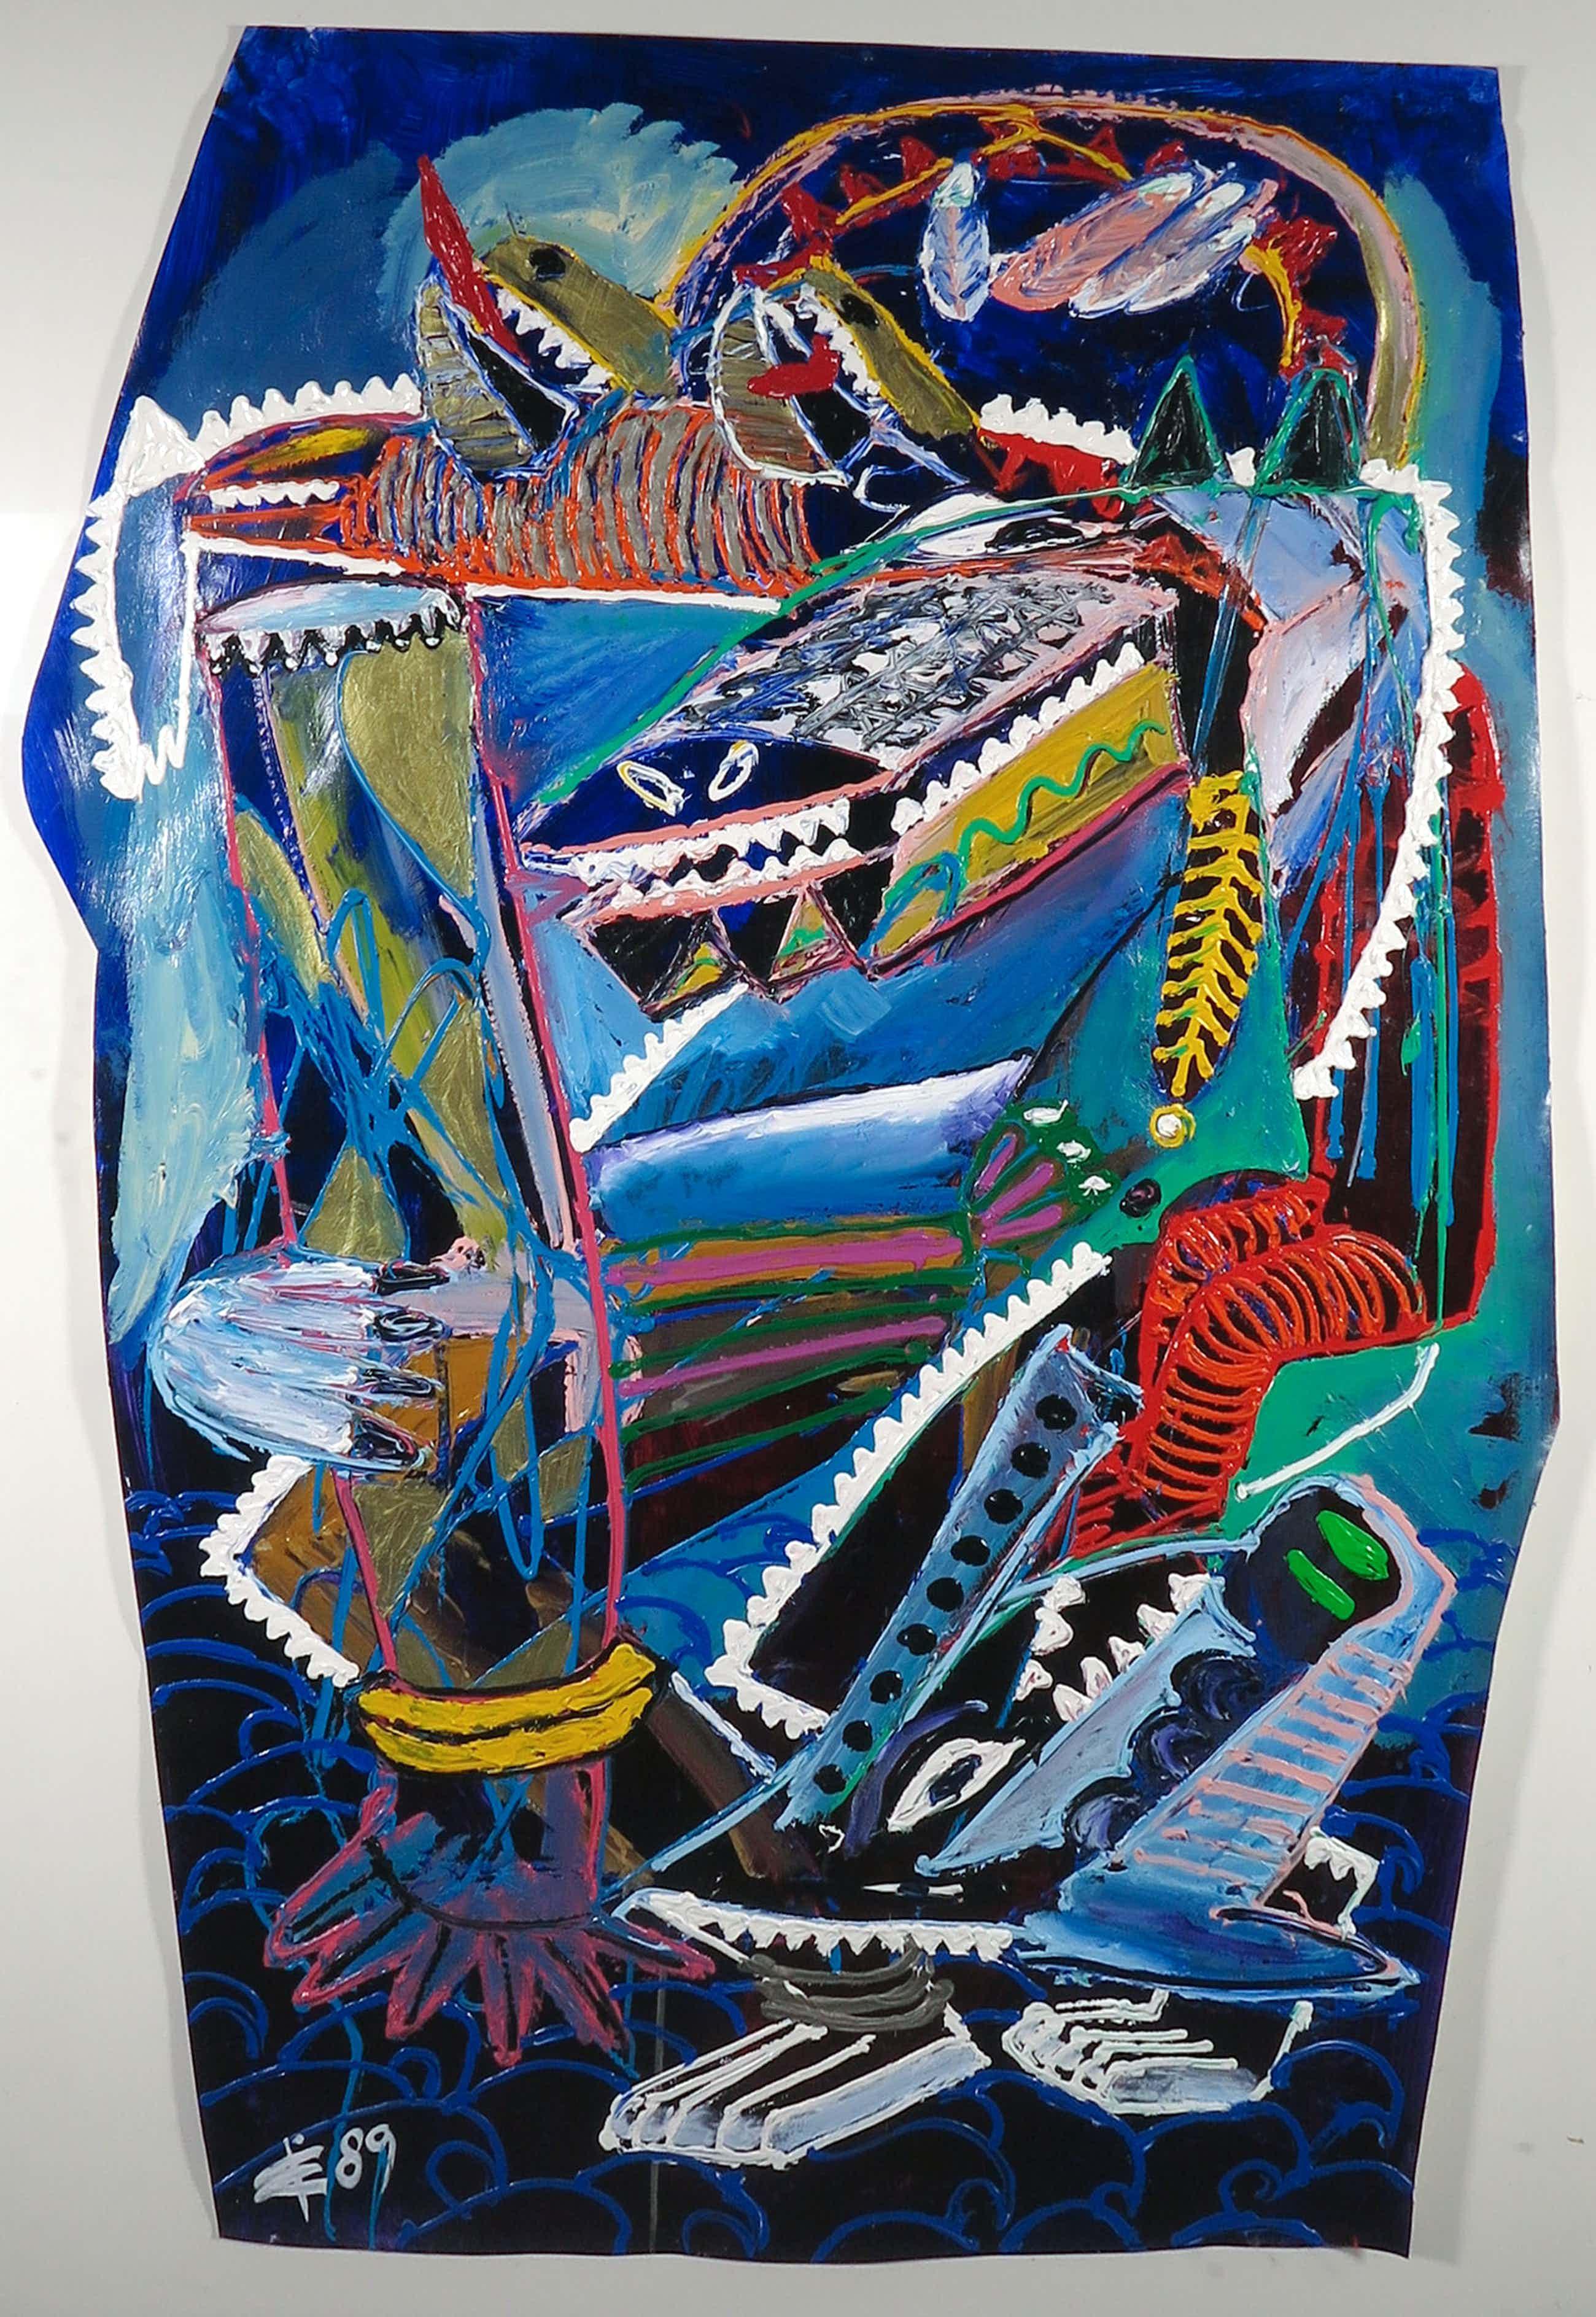 Albert Niemeyer - Acryl op papier, Bezwering van de zee - Ingelijst (Zeer groot) kopen? Bied vanaf 560!